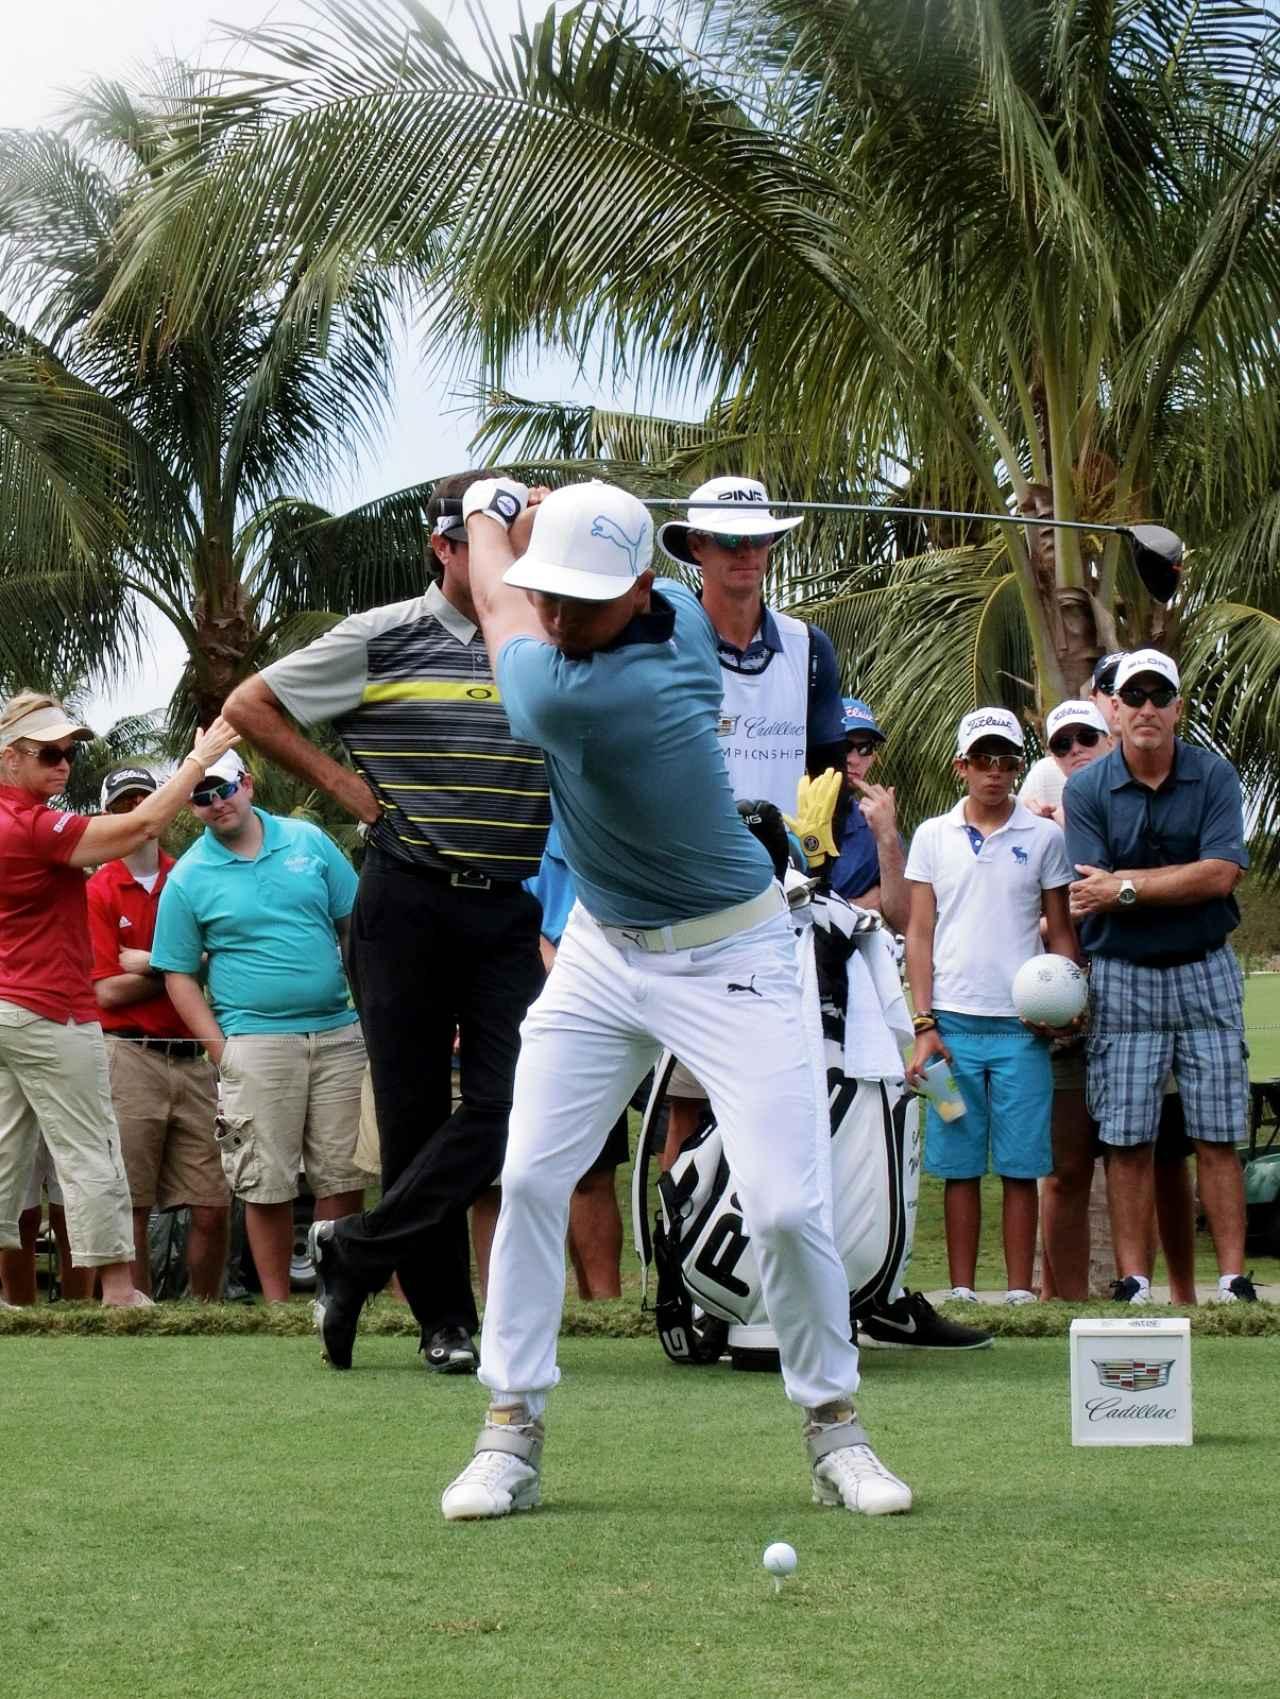 画像10: リッキー・ファウラーのココが凄い!PGAツアー スウィング超解説⑤